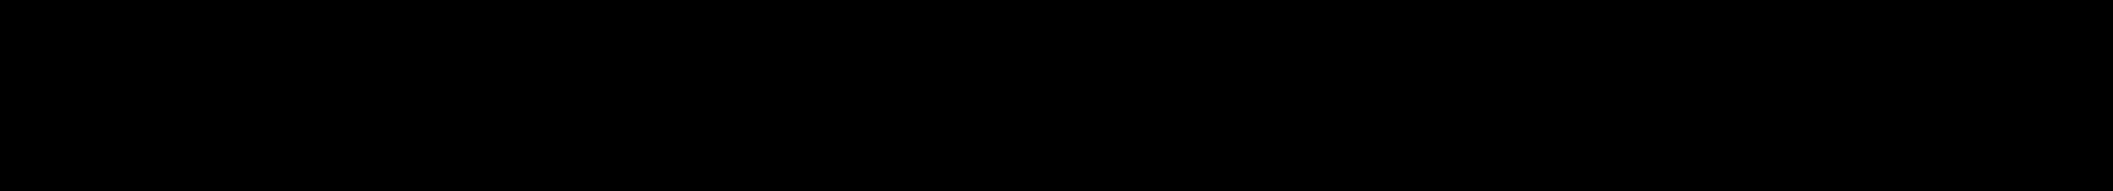 Register Serif BTN Bold